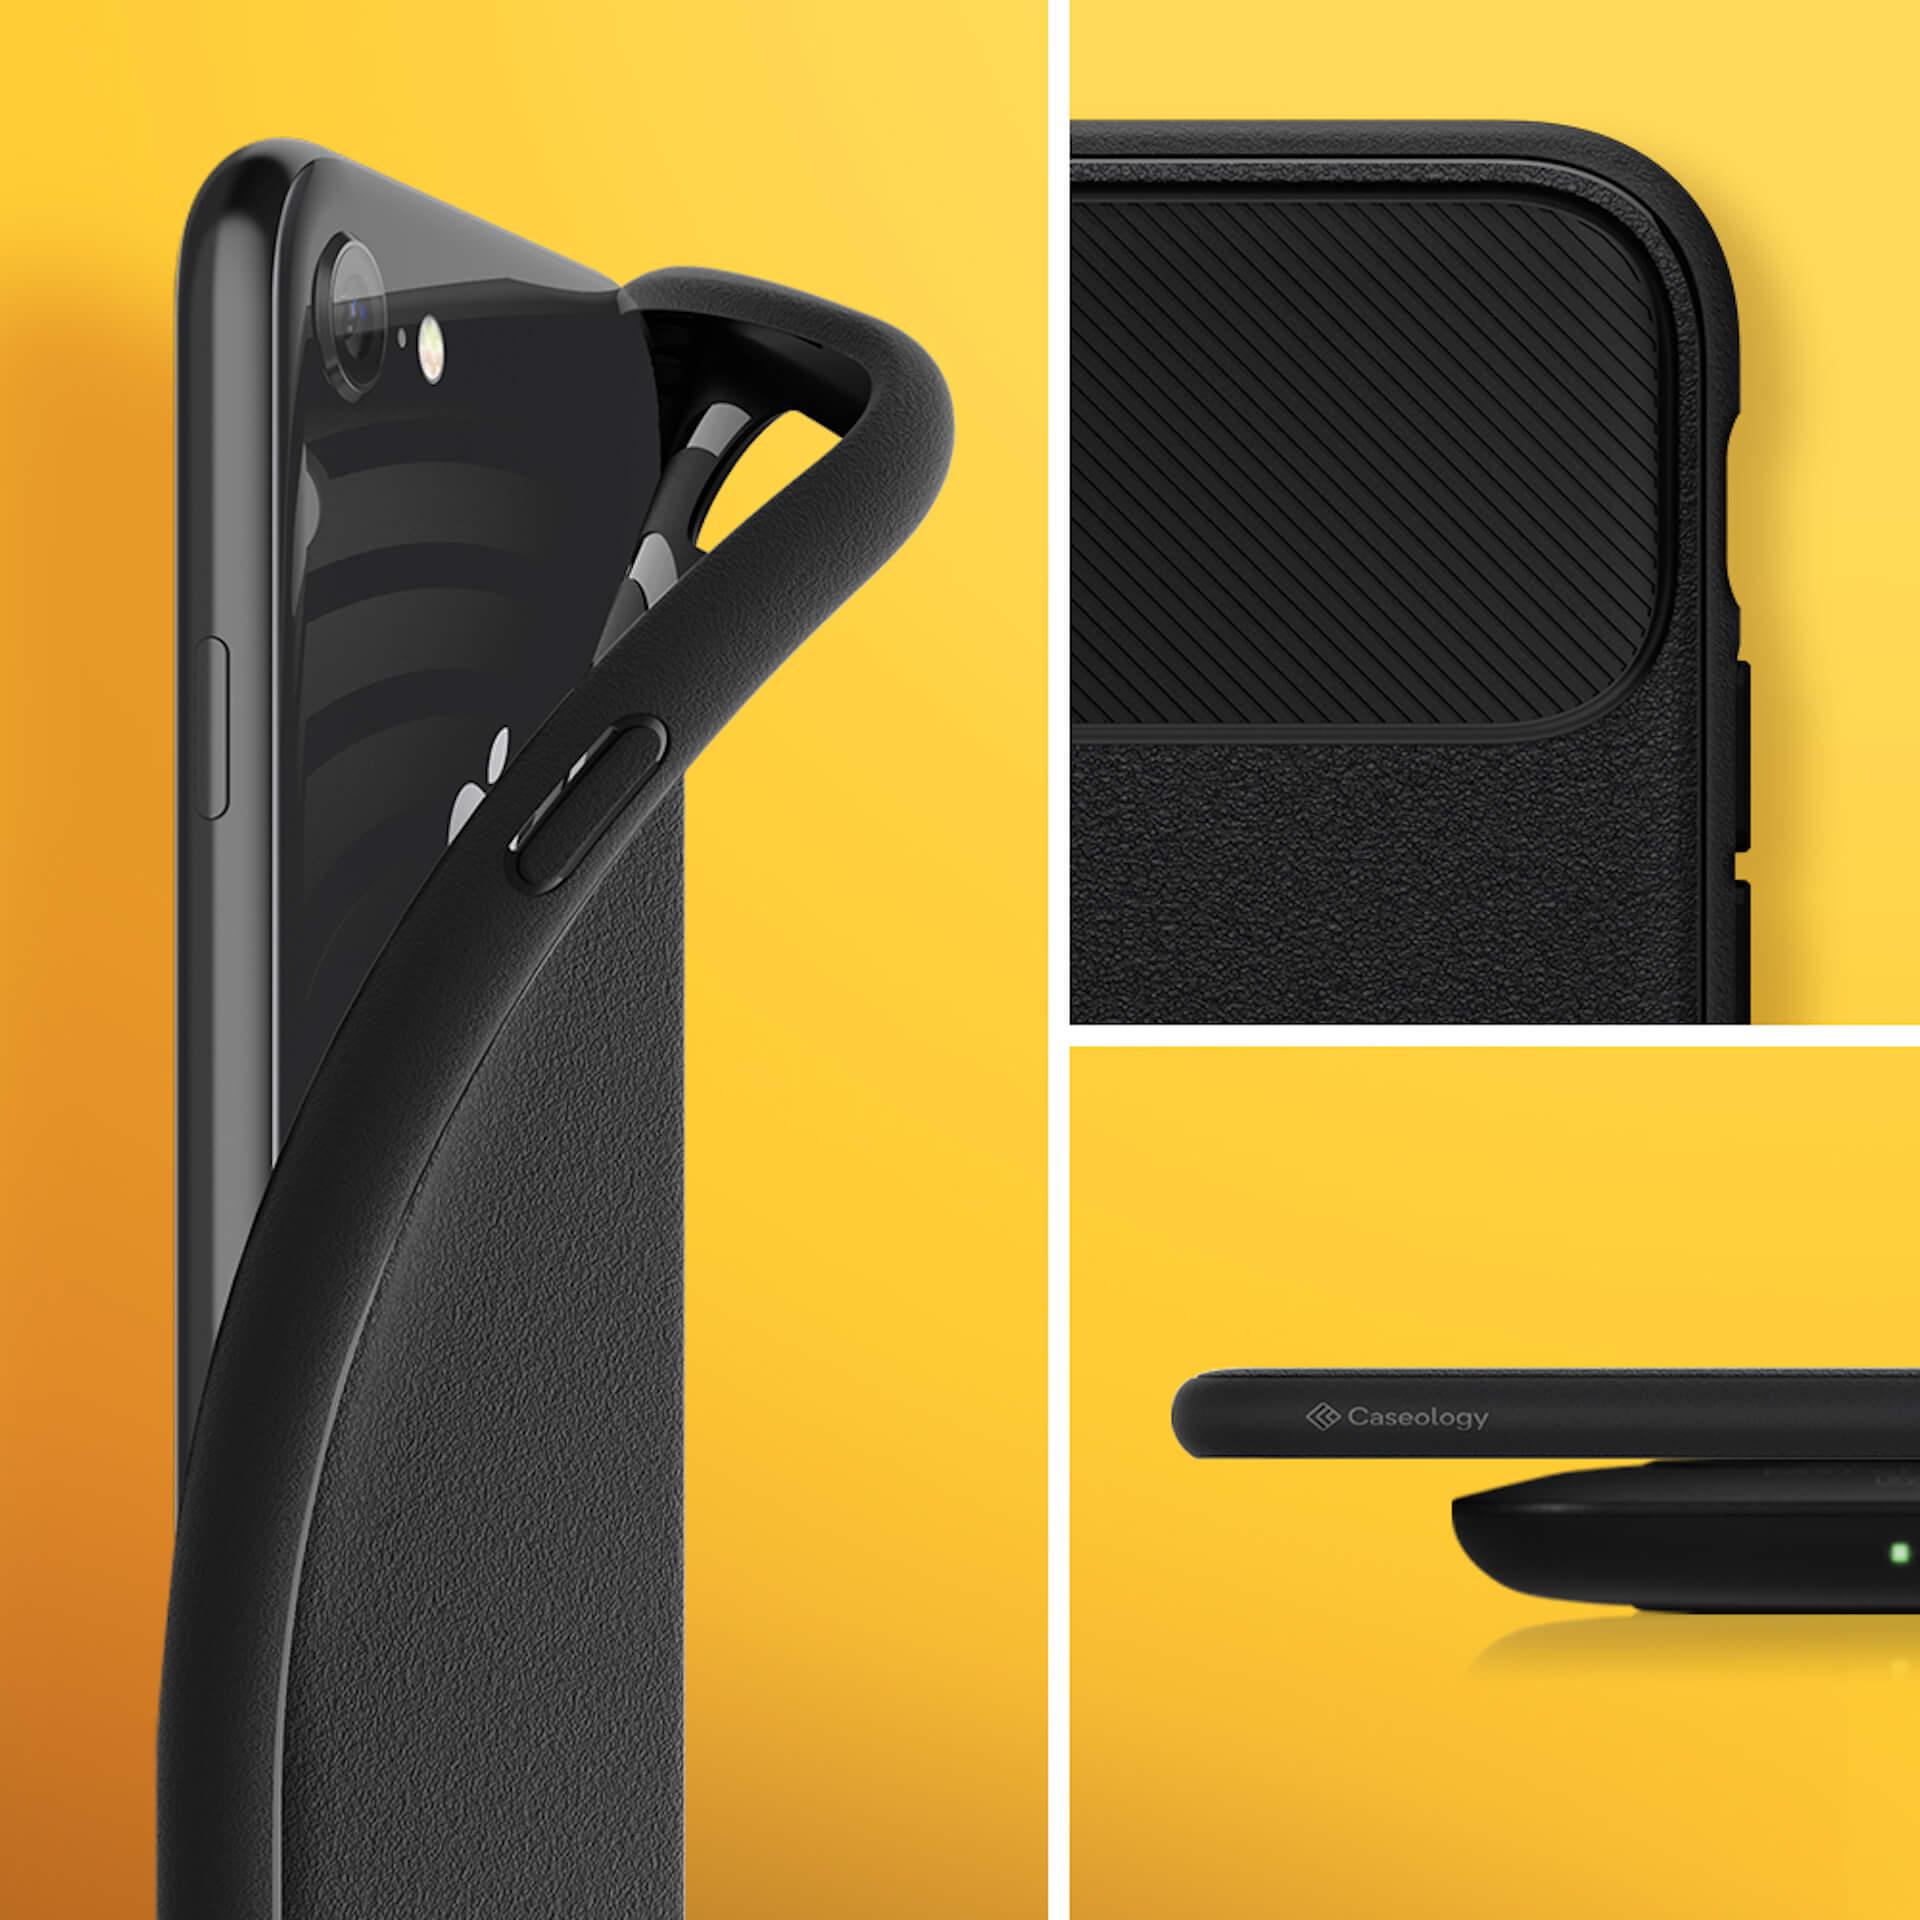 本日予約受付開始のiPhone SE用のCaseologyスマホケースが発売!Amazonにてキャンペーンも tech200417_iphonese_case_4